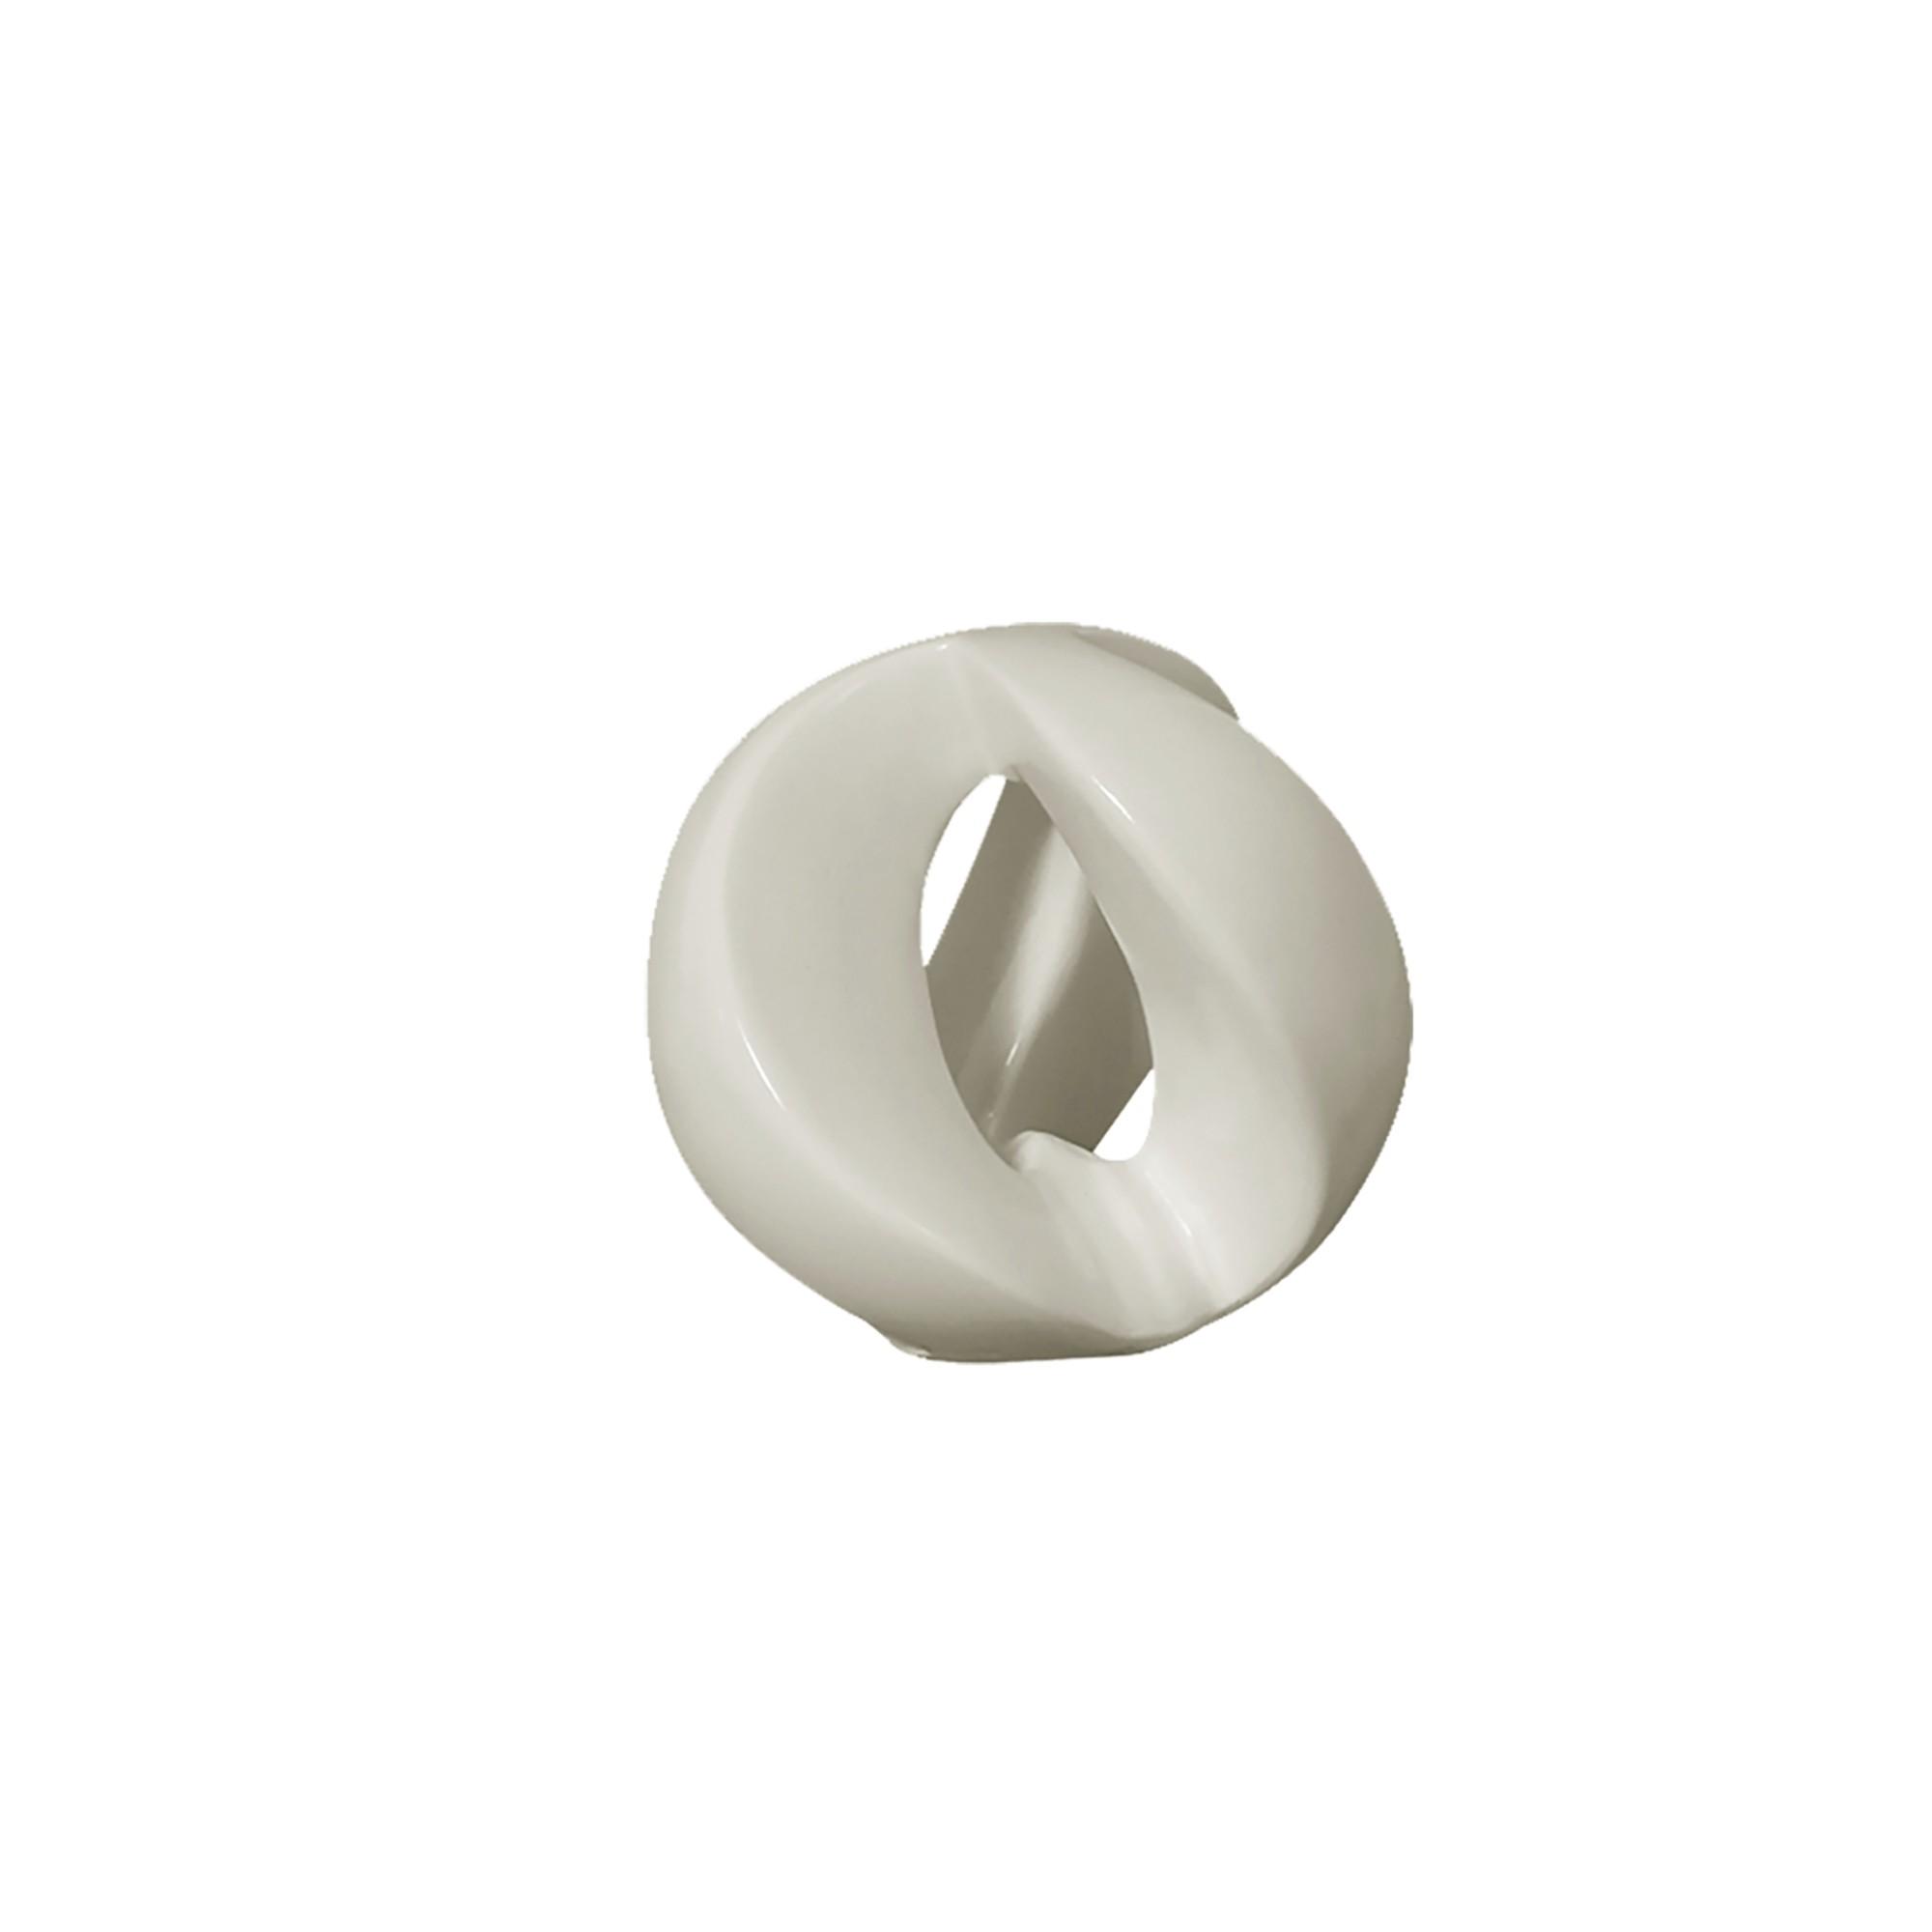 Enfeite Decorativo Escultura Esfera Vazada de Ceramica Branco - Buzzio s